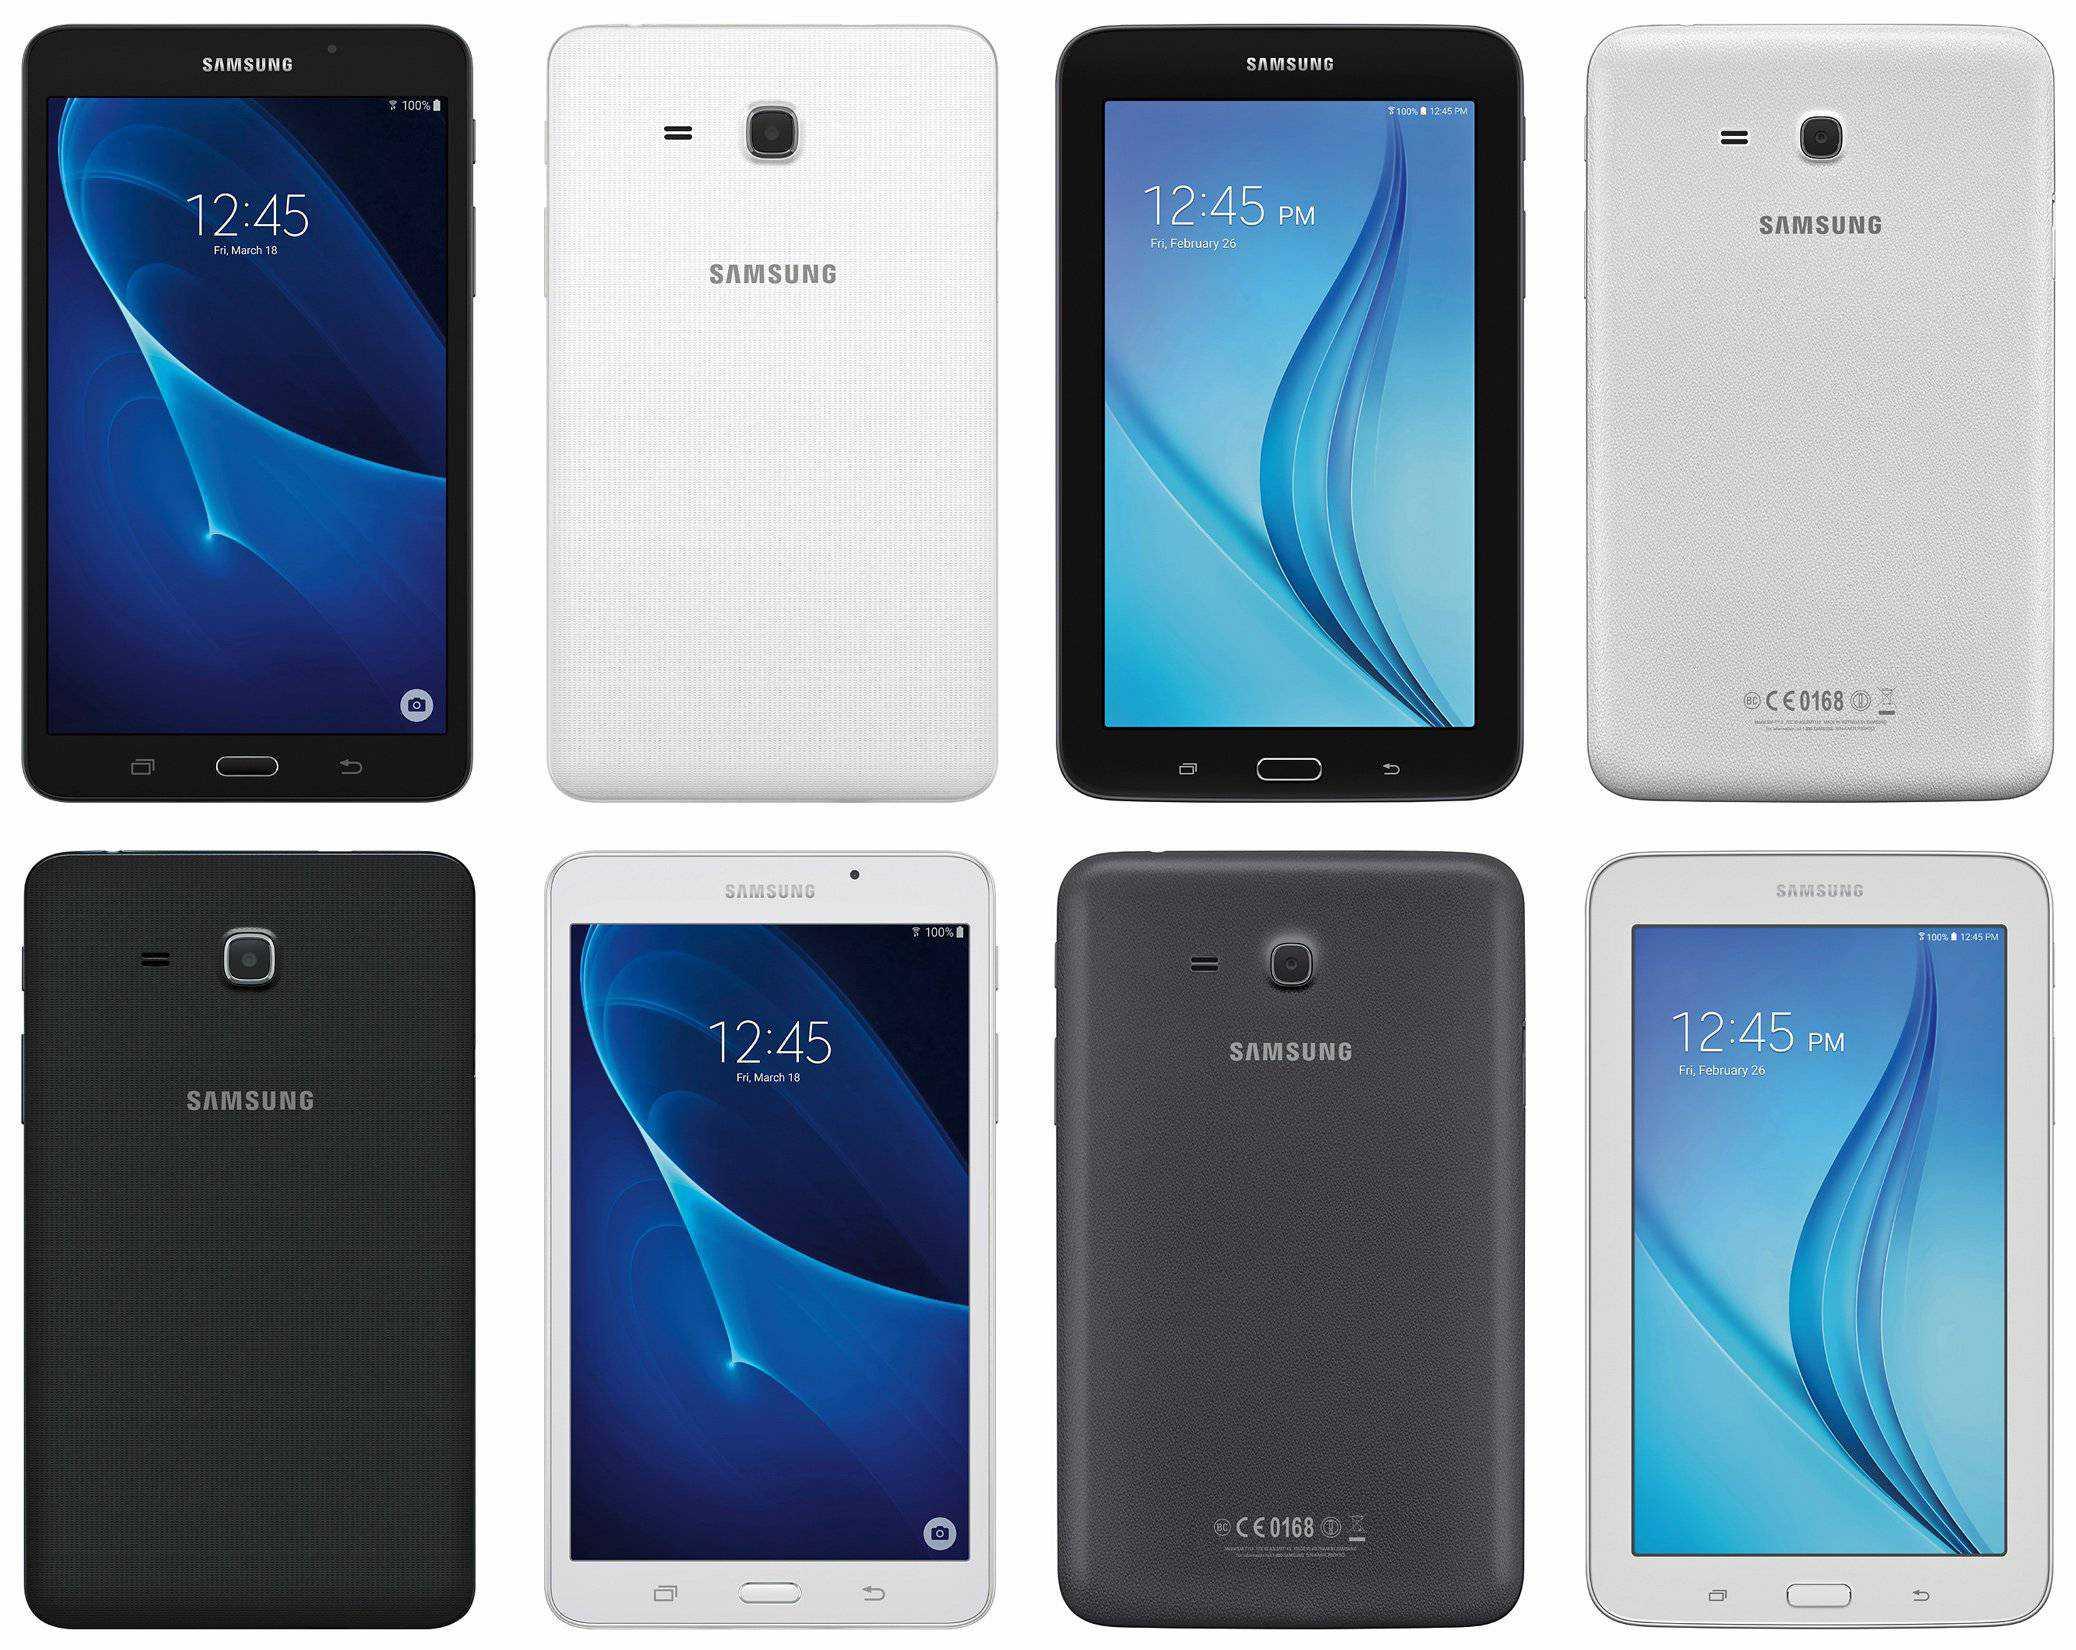 Galaxy Tab A 7.0 (2016) and Galaxy Tab E 8.0 (2016)